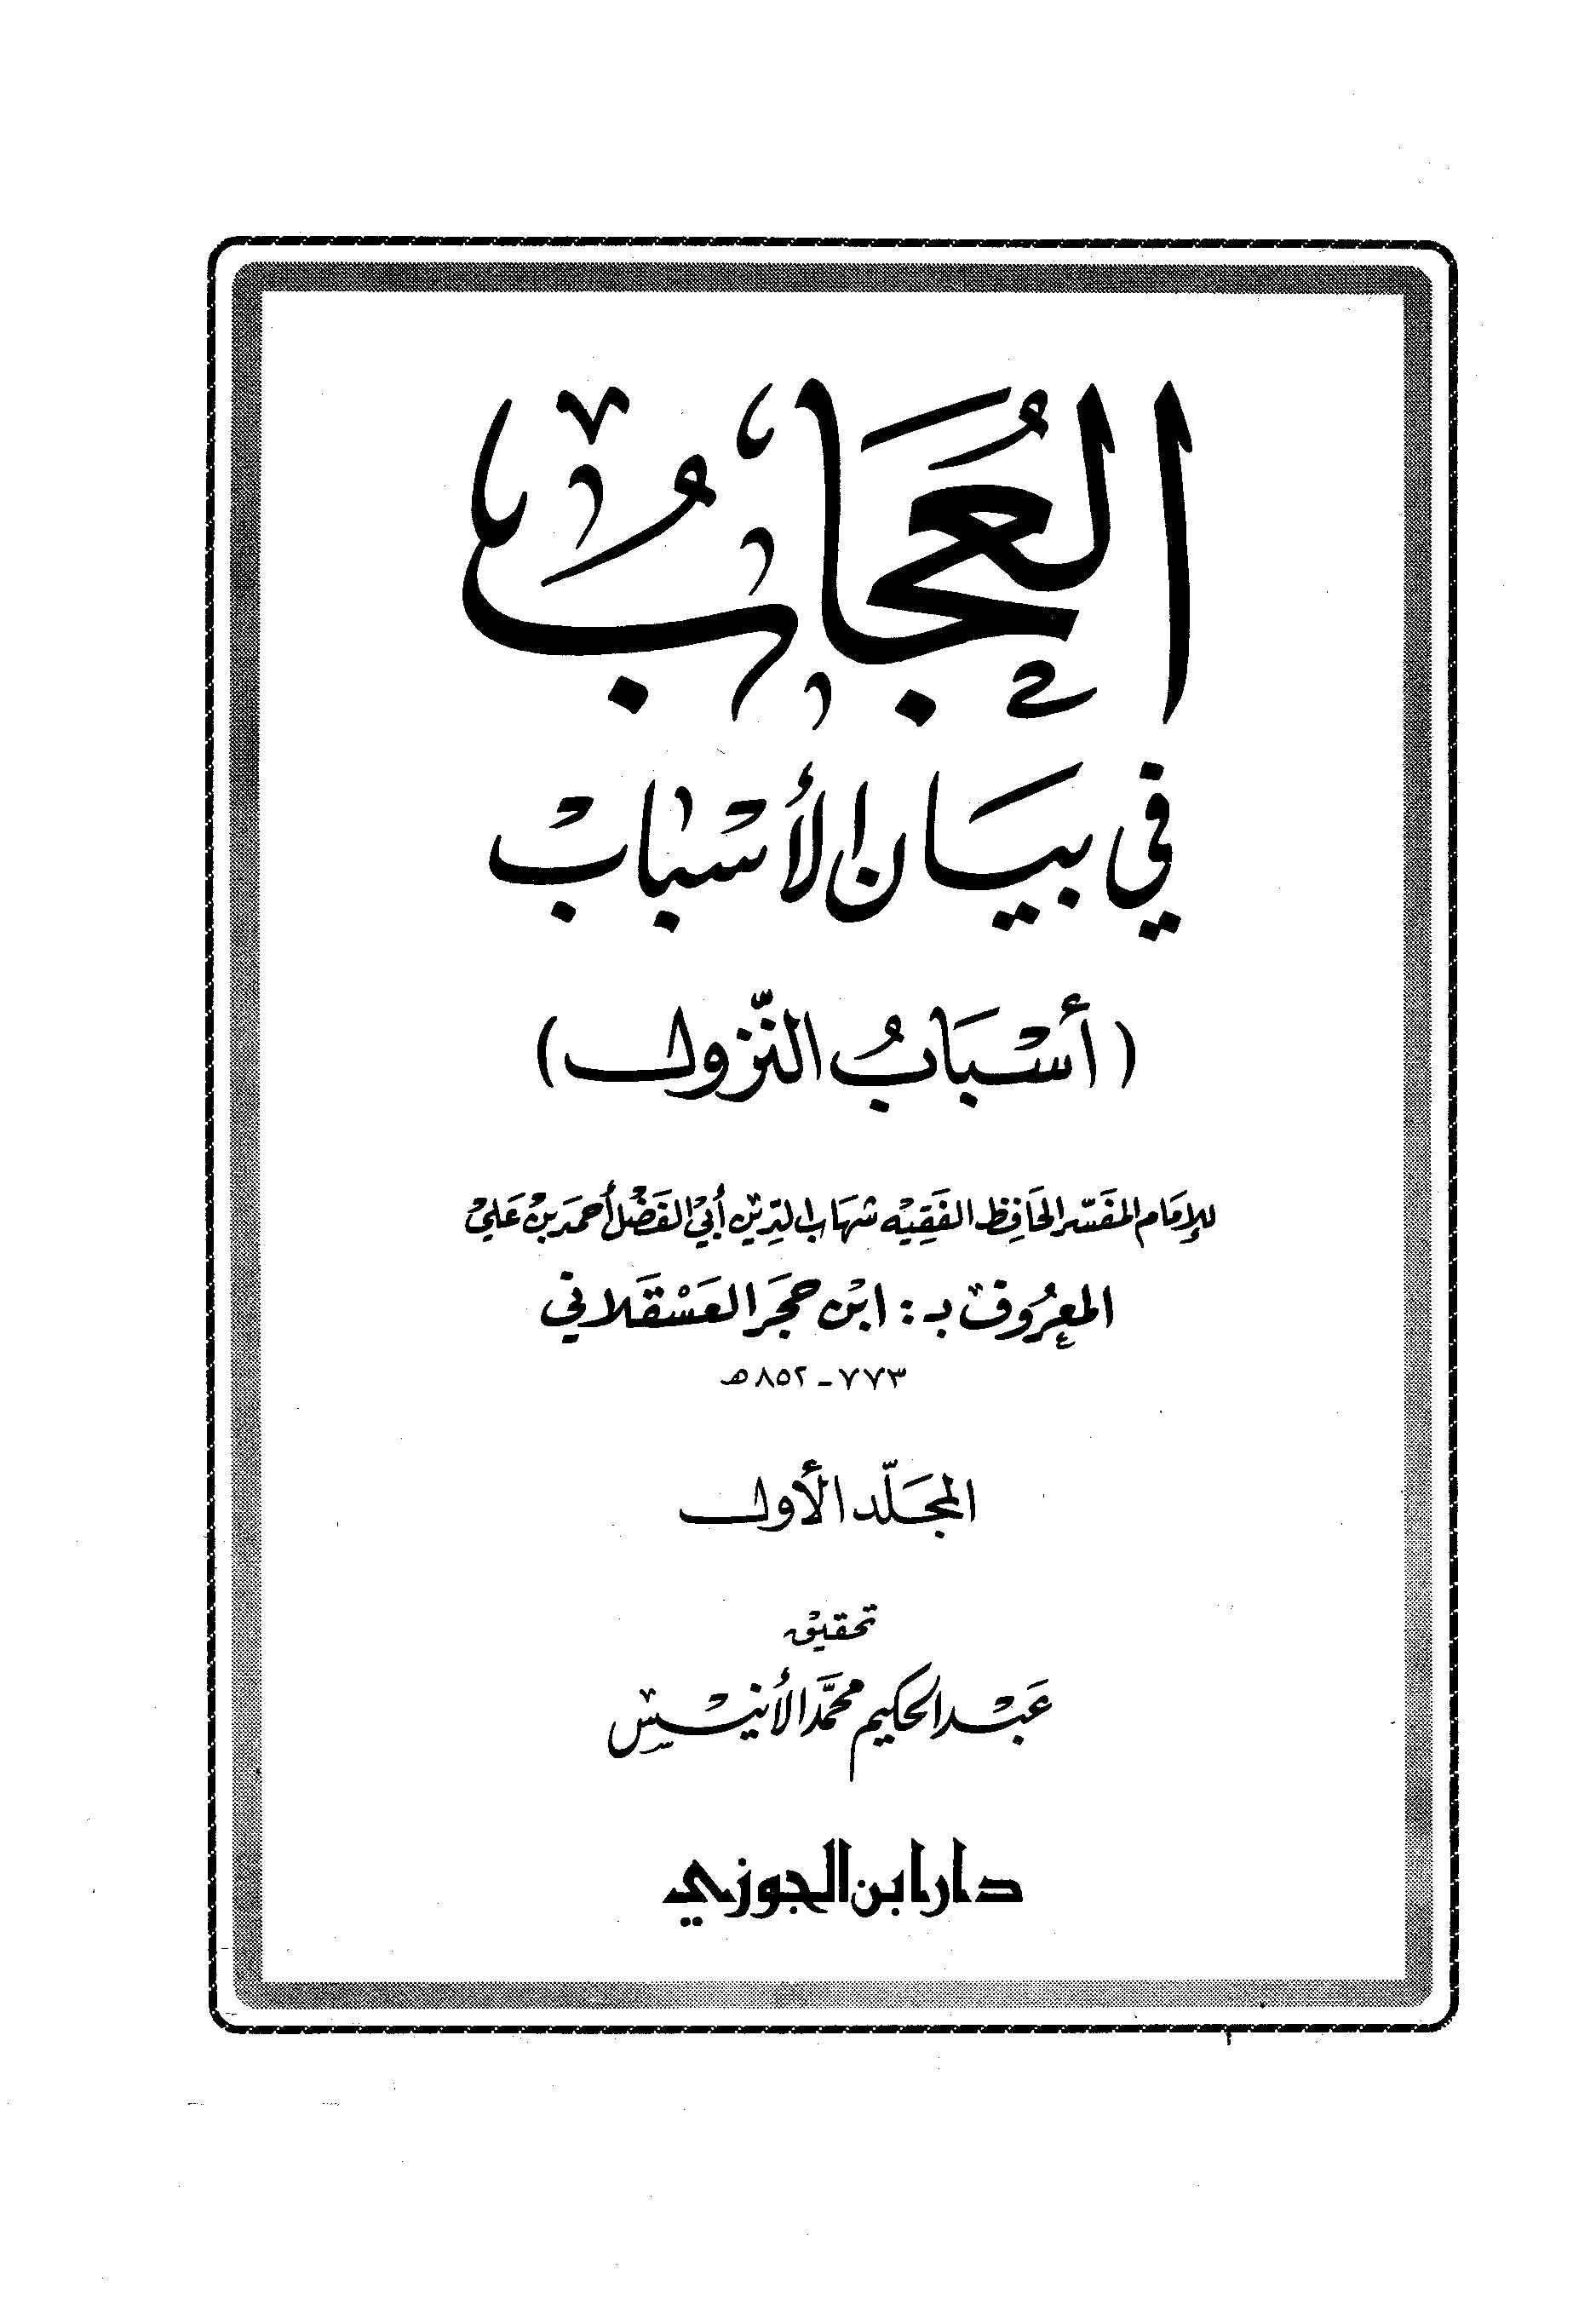 تحميل كتاب العجاب في بيان الأسباب (أسباب النزول) لـِ: الإمام أبو الفضل أحمد بن علي بن محمد بن أحمد بن حجر العسقلاني (ت 852)